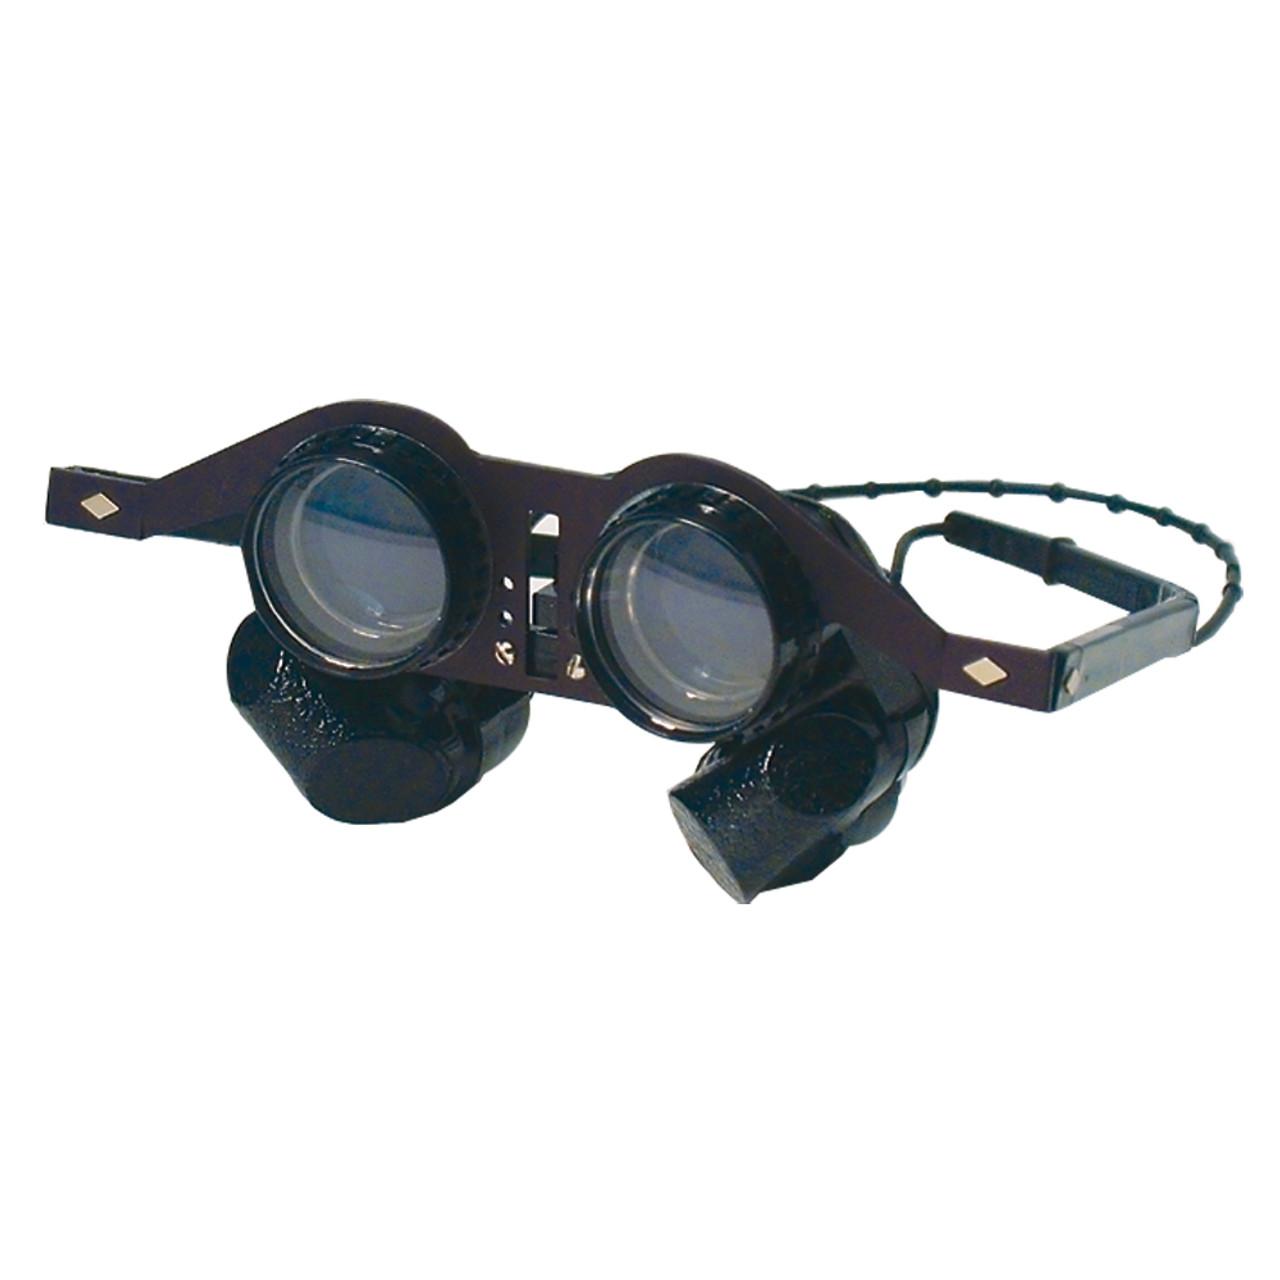 Beecher Mirage Binoculars 6 X 25